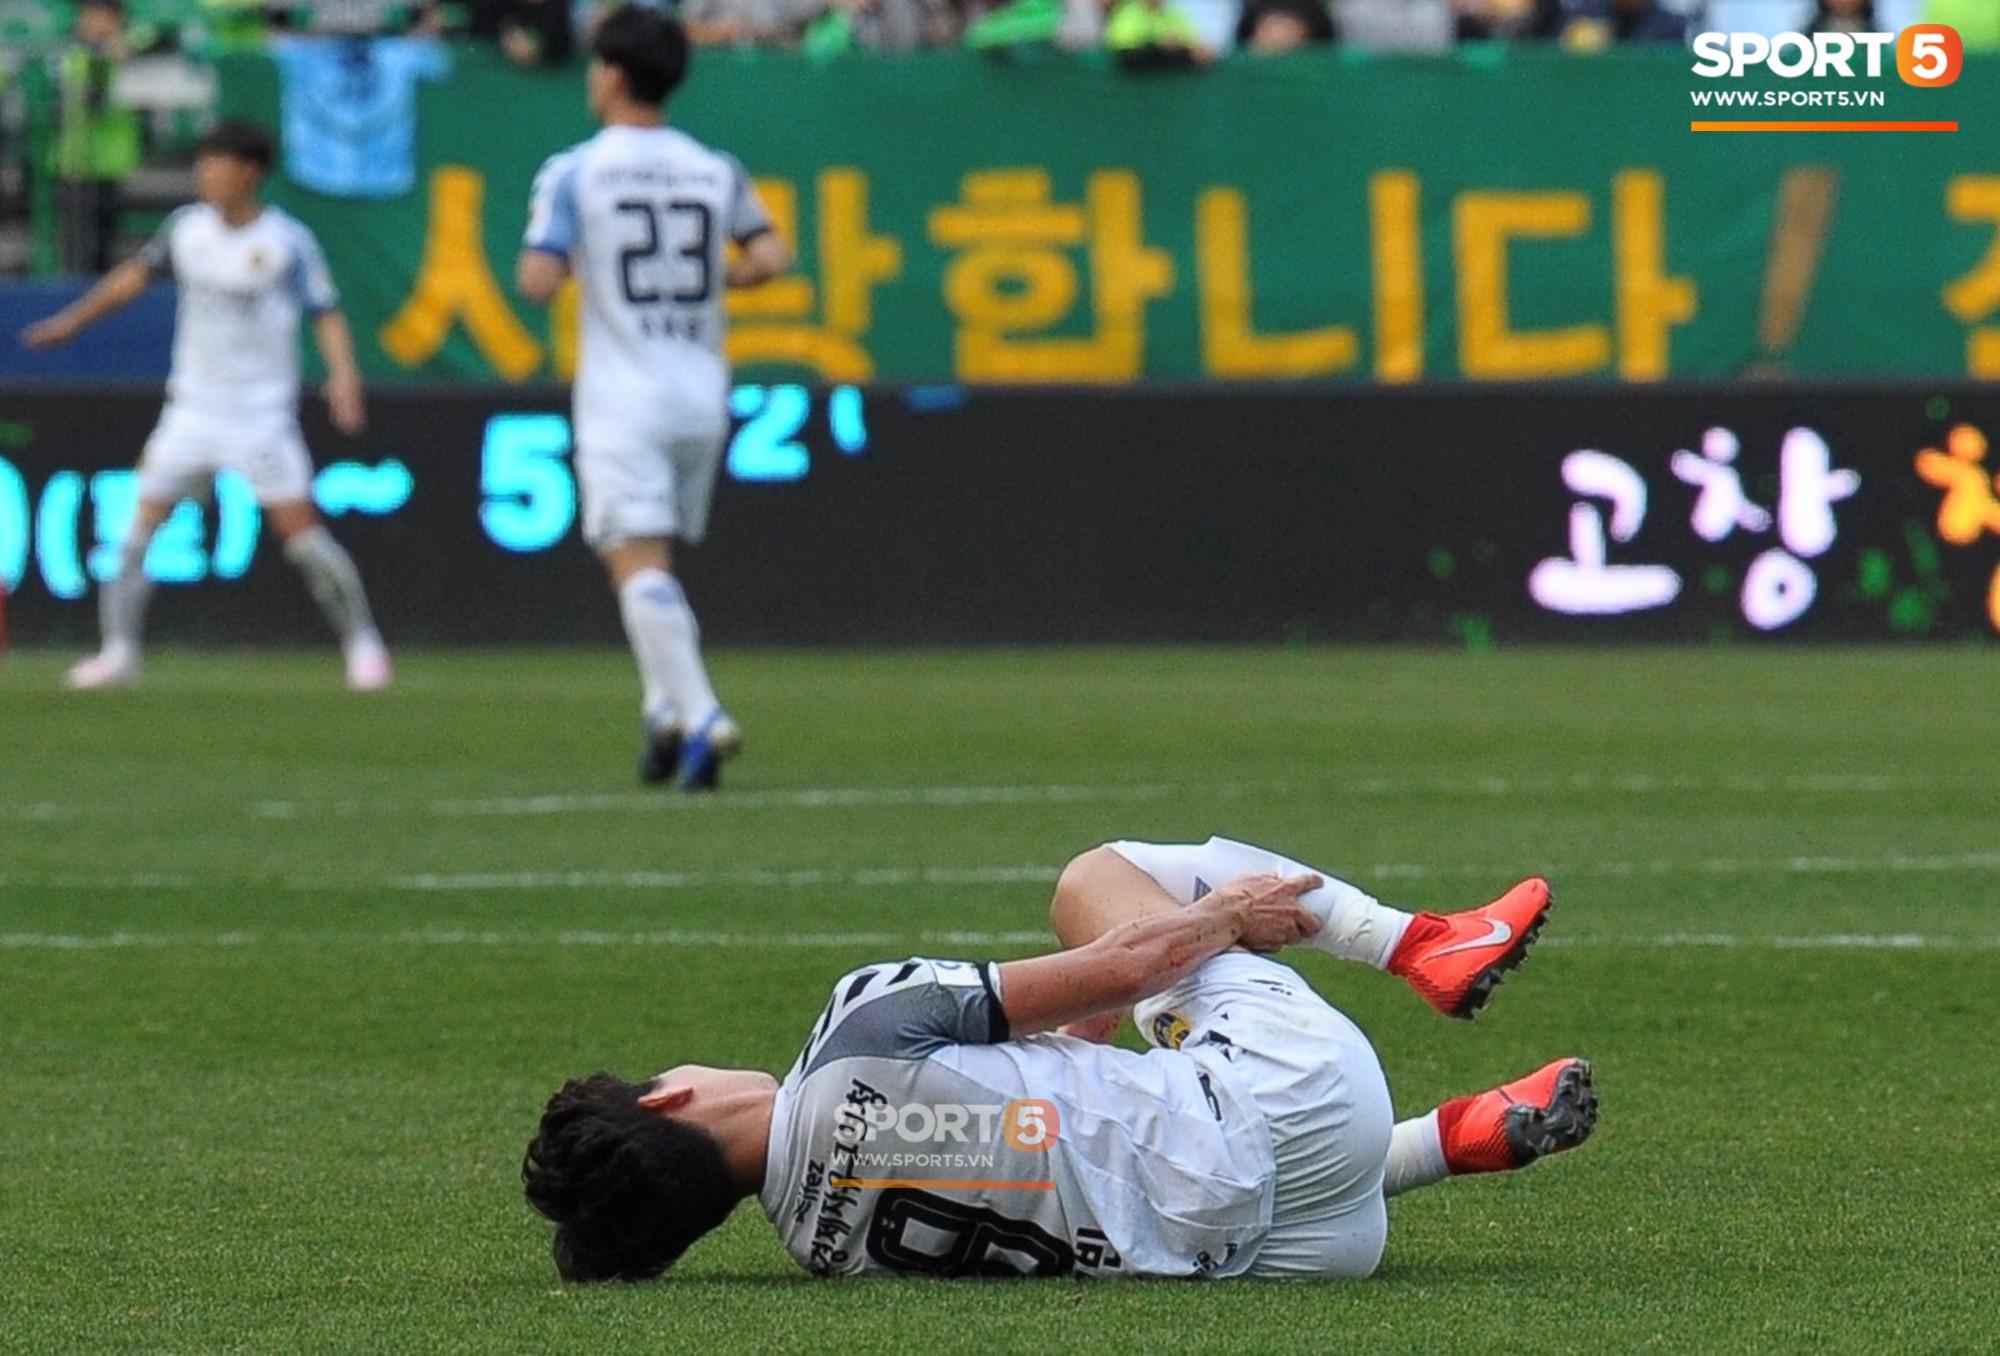 Công Phượng có hành động đẹp với đồng đội trong ngày Incheon United thua trận-3